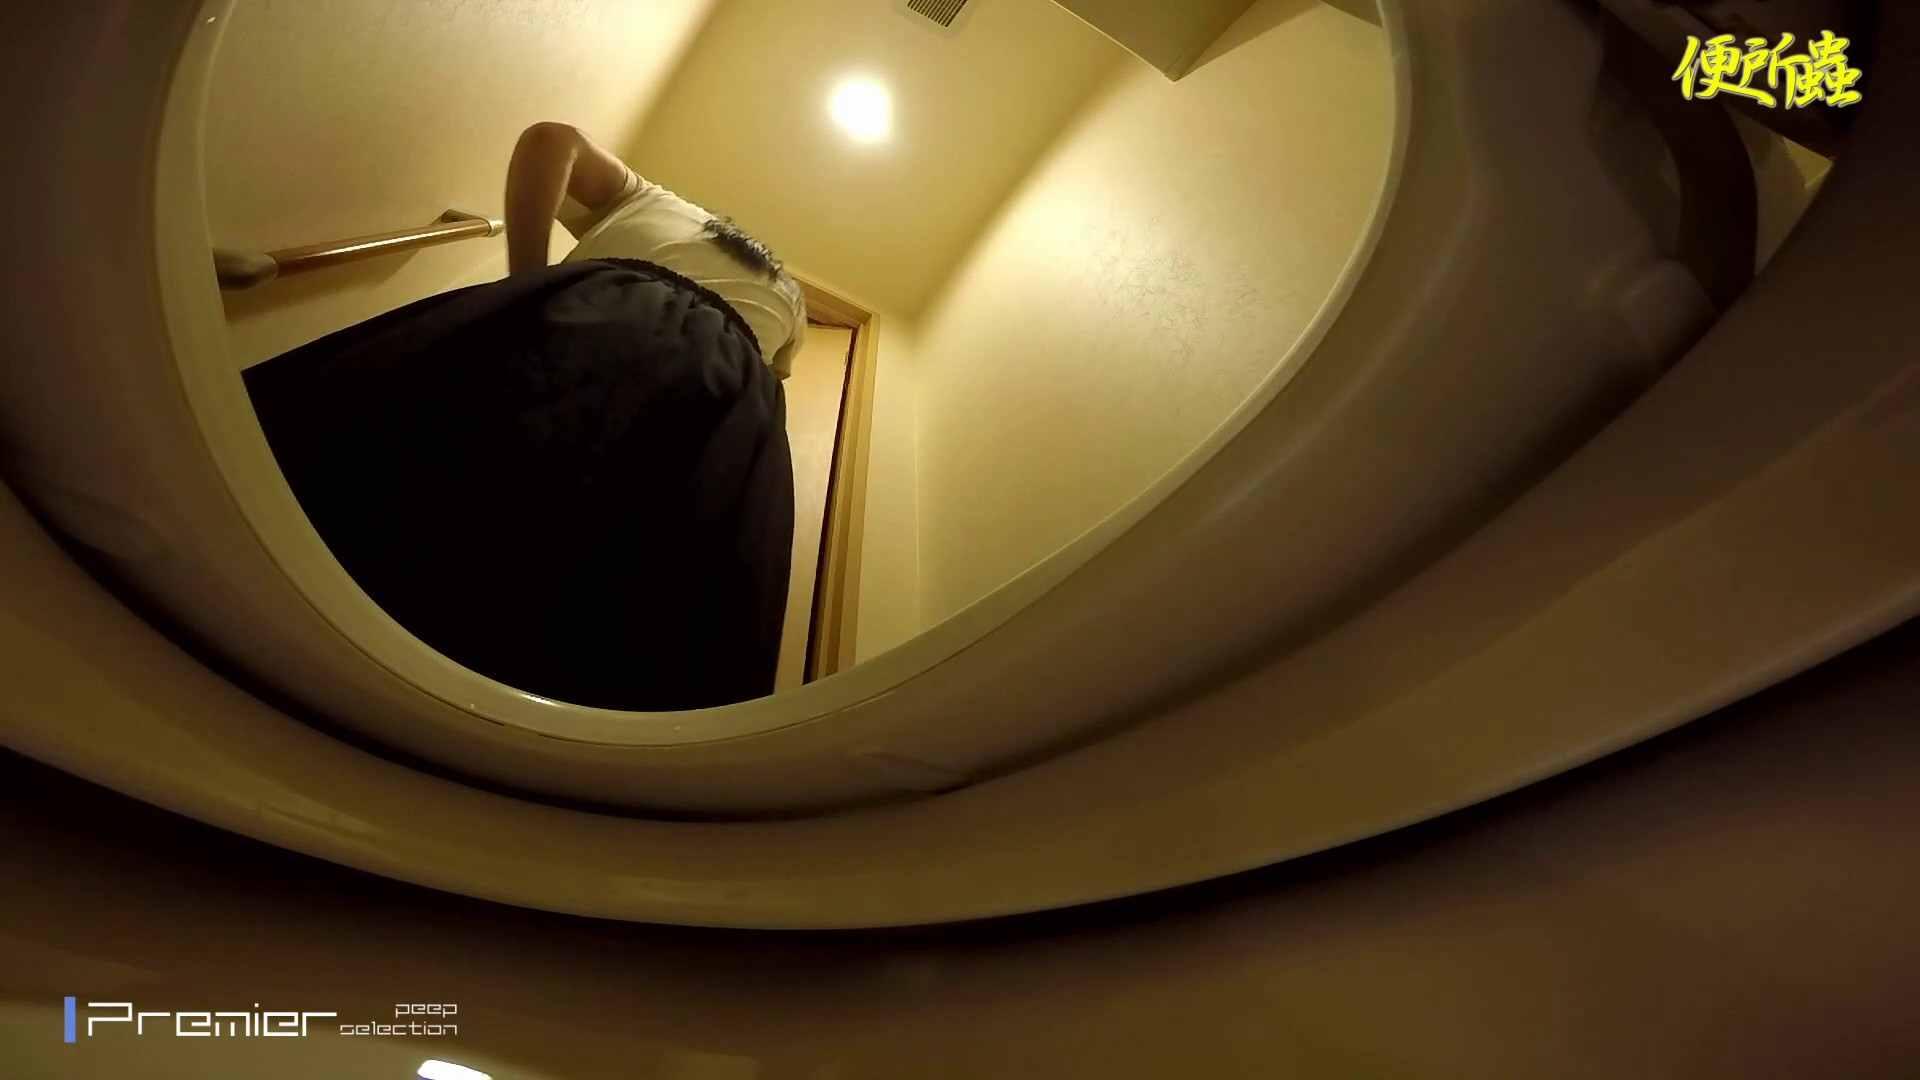 【洗面所盗撮】便所蟲さんリターン vol.24 便所 覗きおまんこ画像 71pic 29